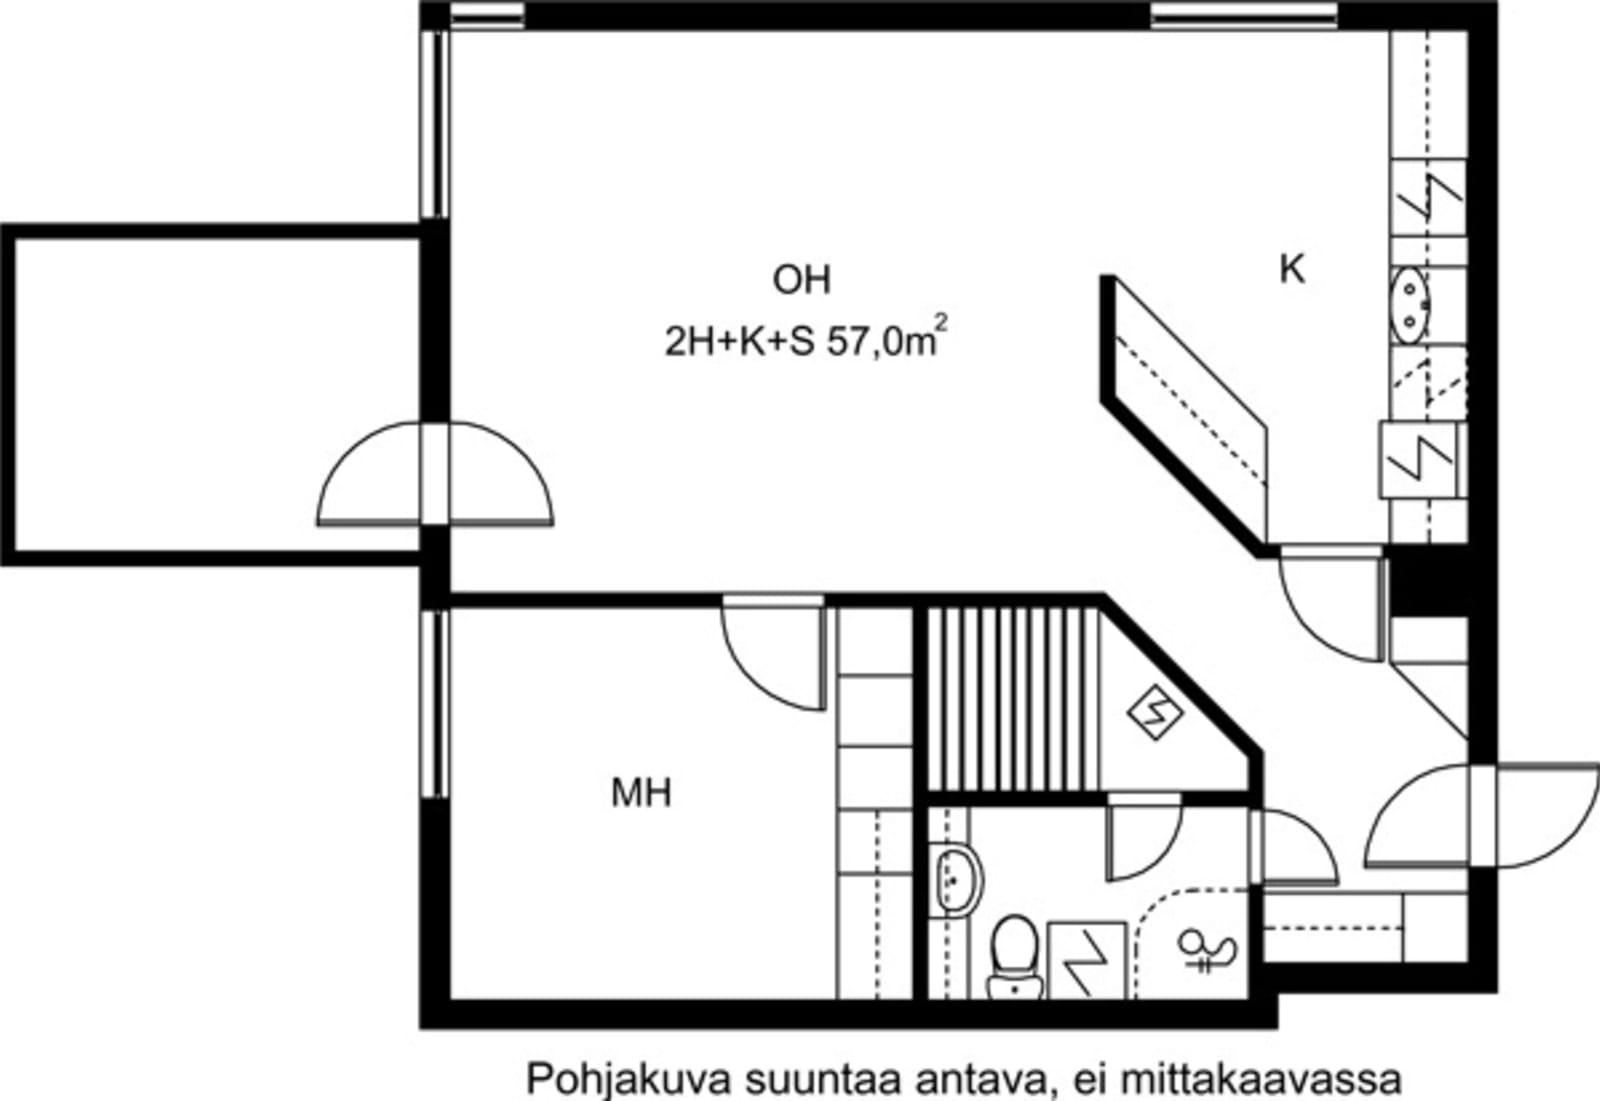 Helsinki, Pitäjänmäki, Piispantie 7 A 005